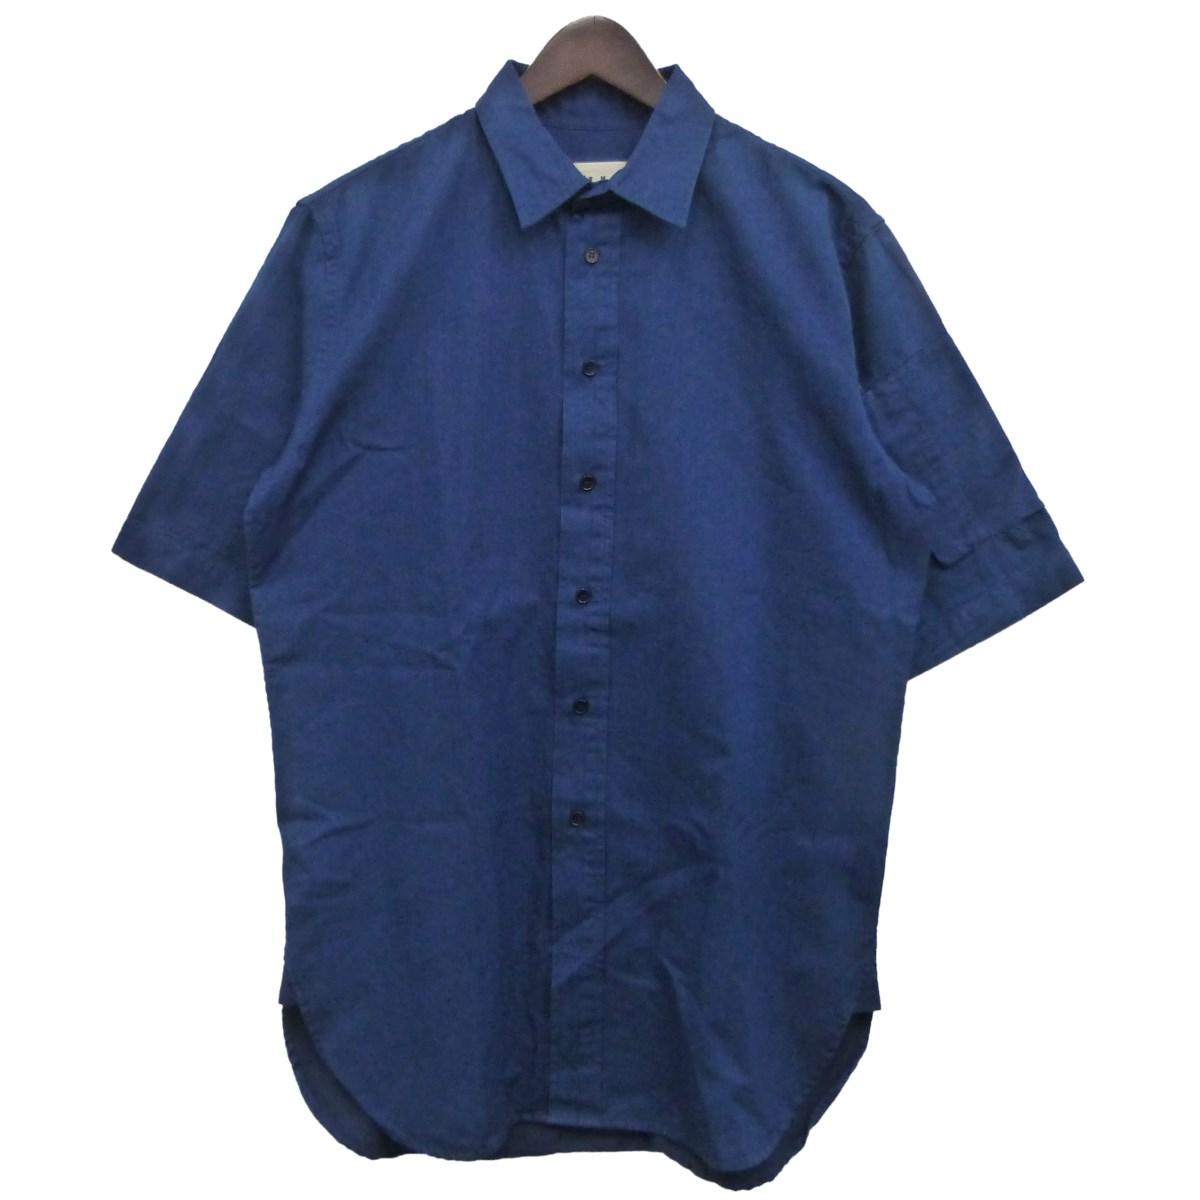 【中古】MARNI 袖ポケット半袖シャツ ブルー サイズ:44 【140320】(マルニ)